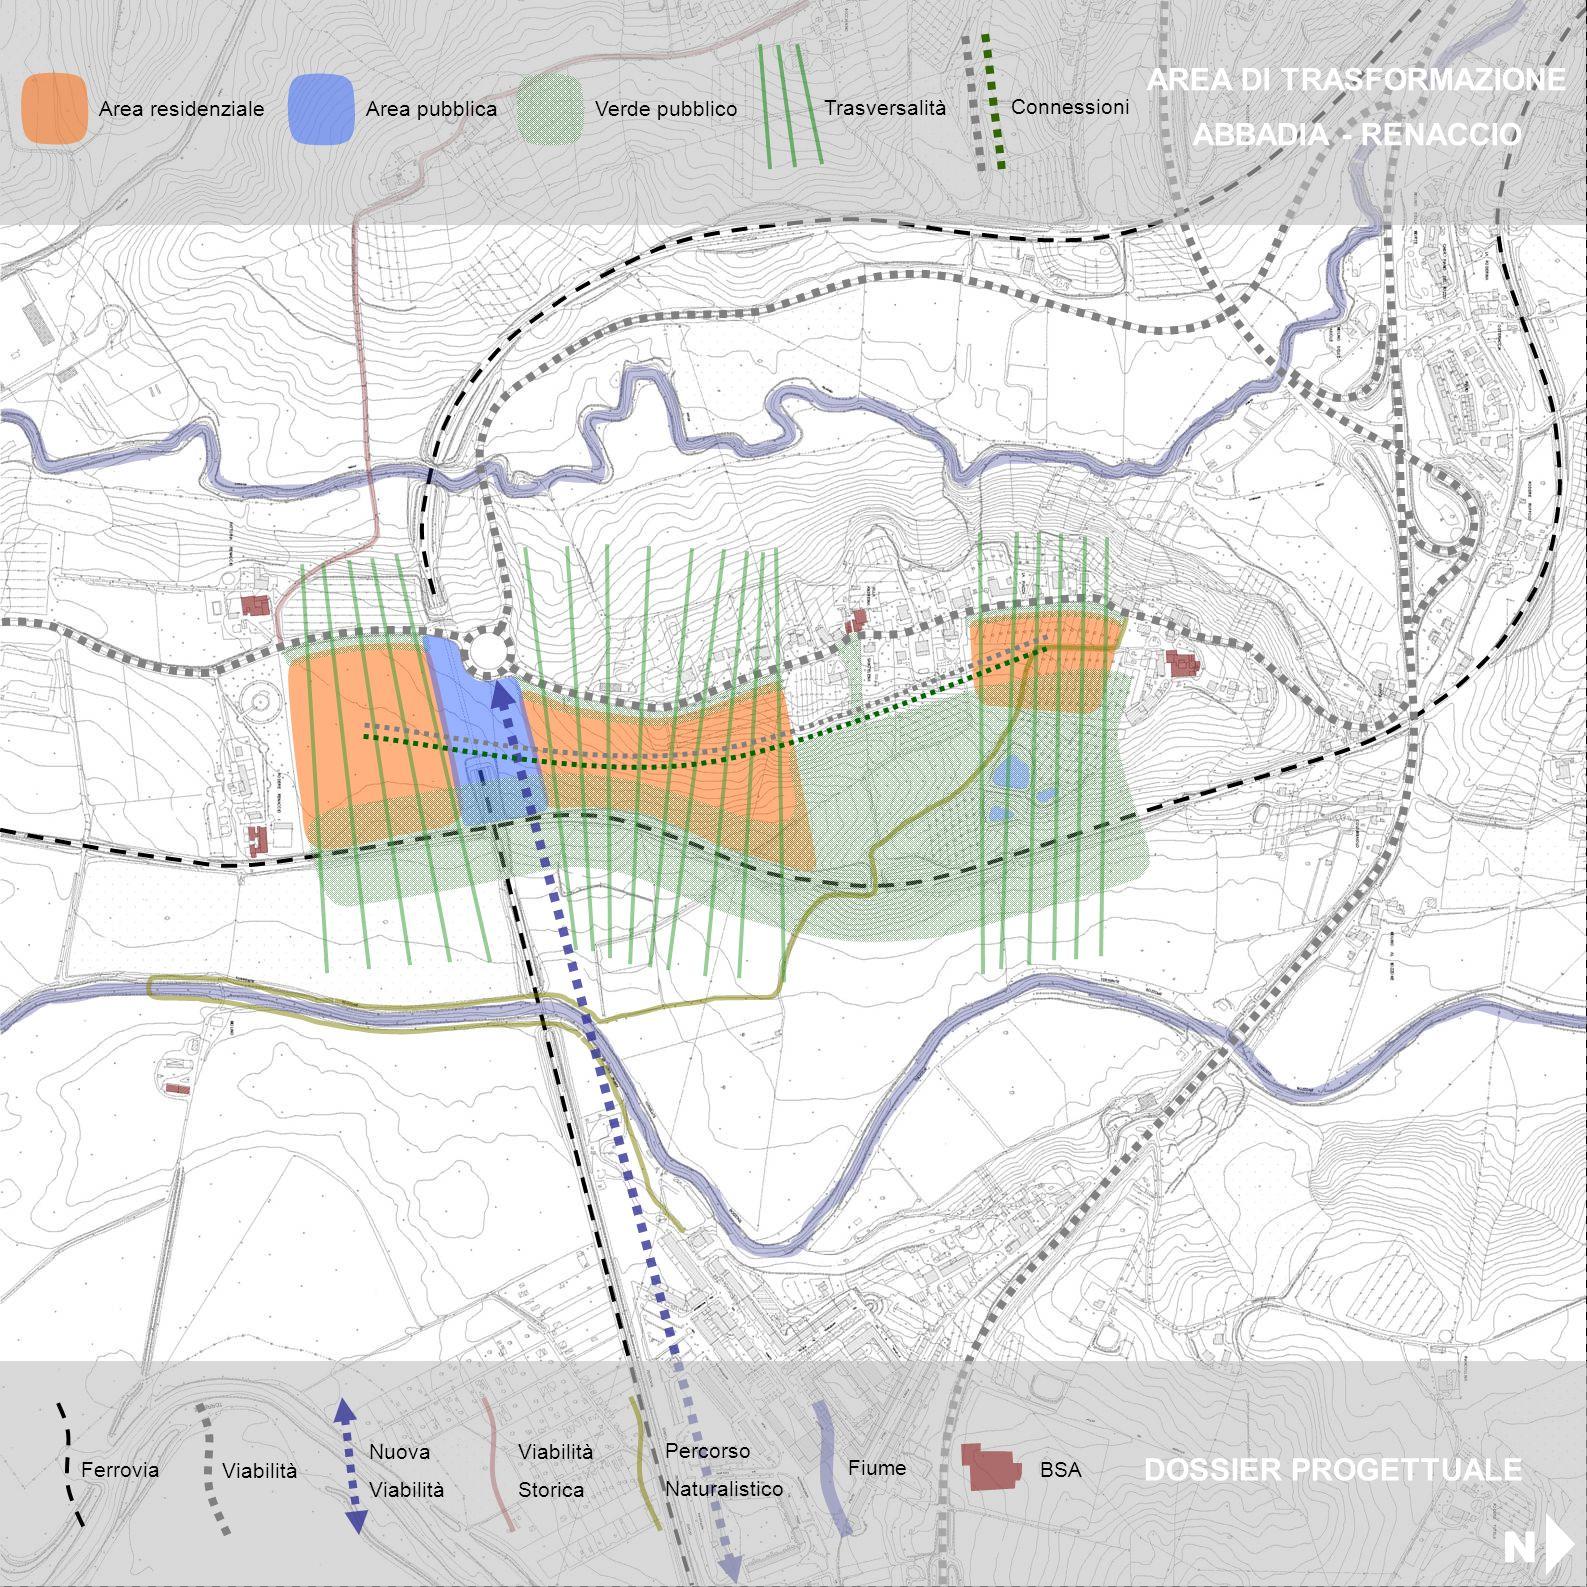 Area residenziale Area pubblicaVerde pubblico Trasversalità Connessioni AREA DI TRASFORMAZIONE ABBADIA - RENACCIO Ferrovia Viabilità Nuova Viabilità B